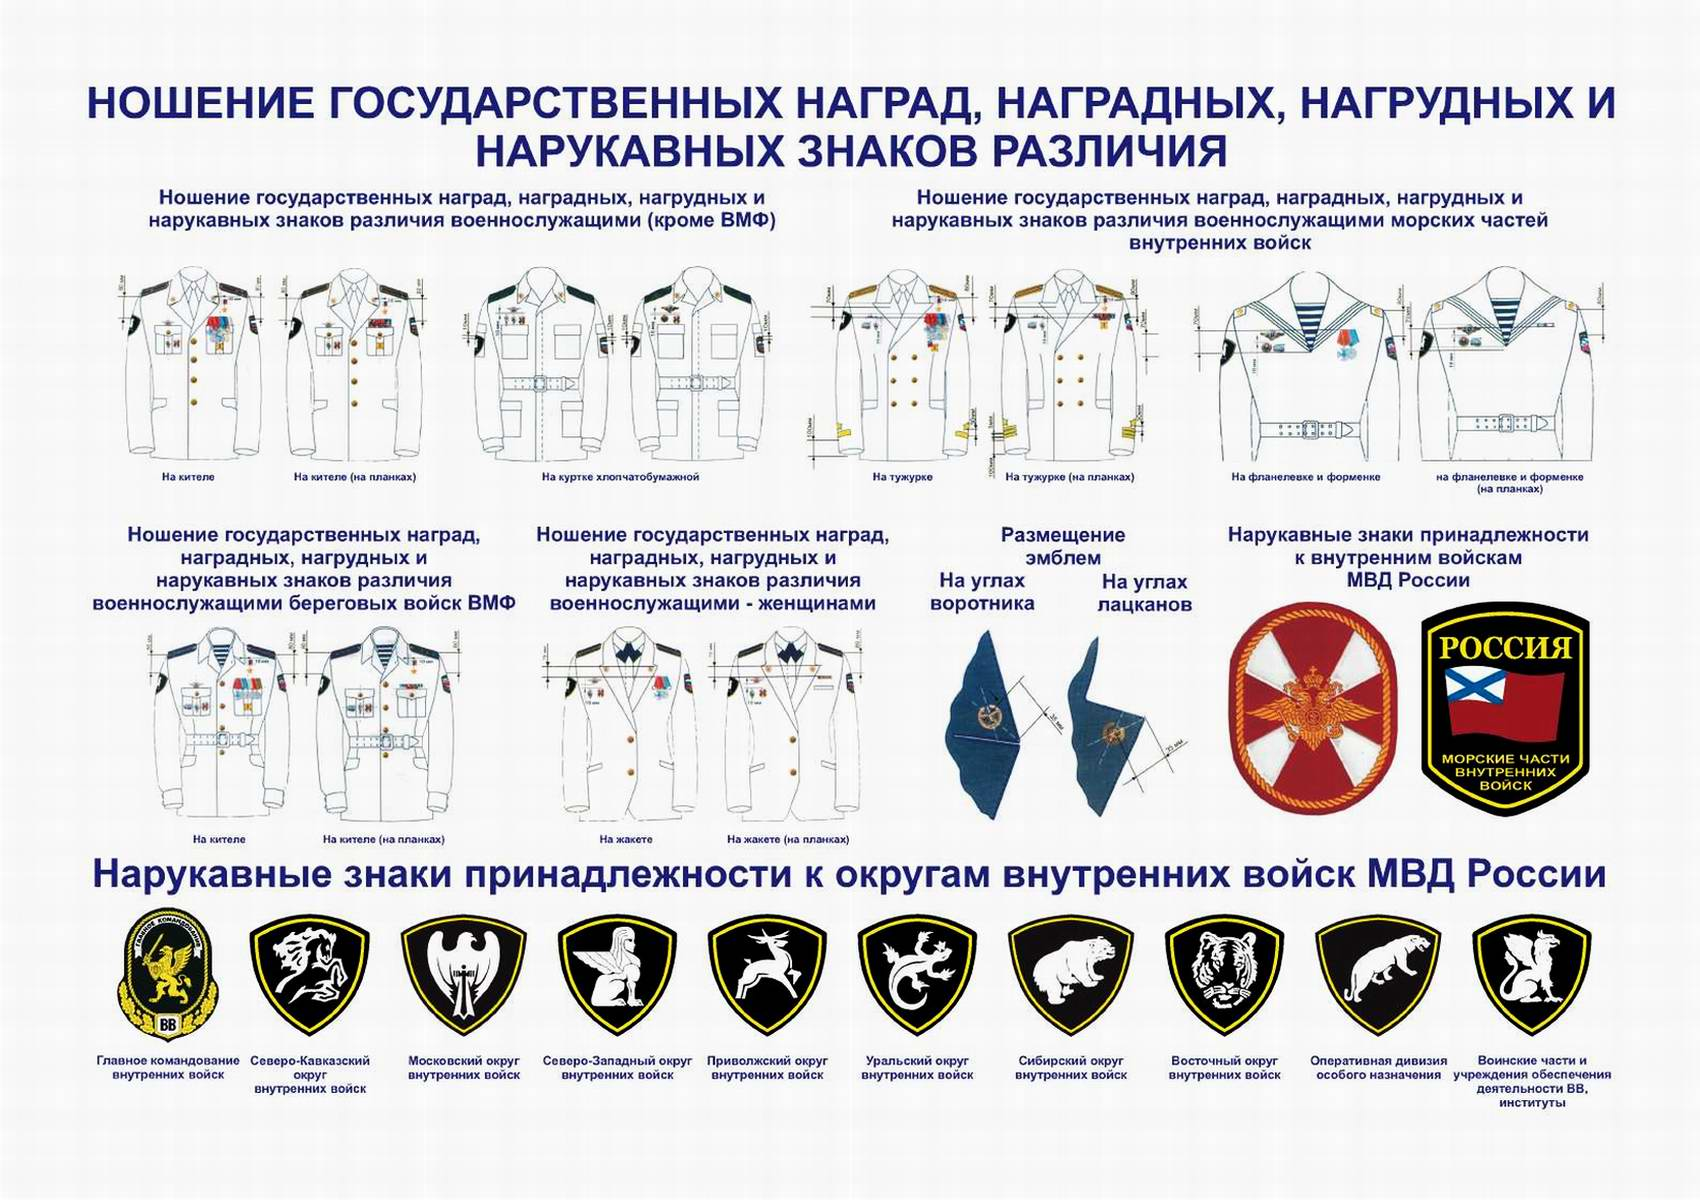 Ношение государственных наград, наградных, нагрудных и нарукавных знаков различия на униформе Внутренних войск МВД РФ